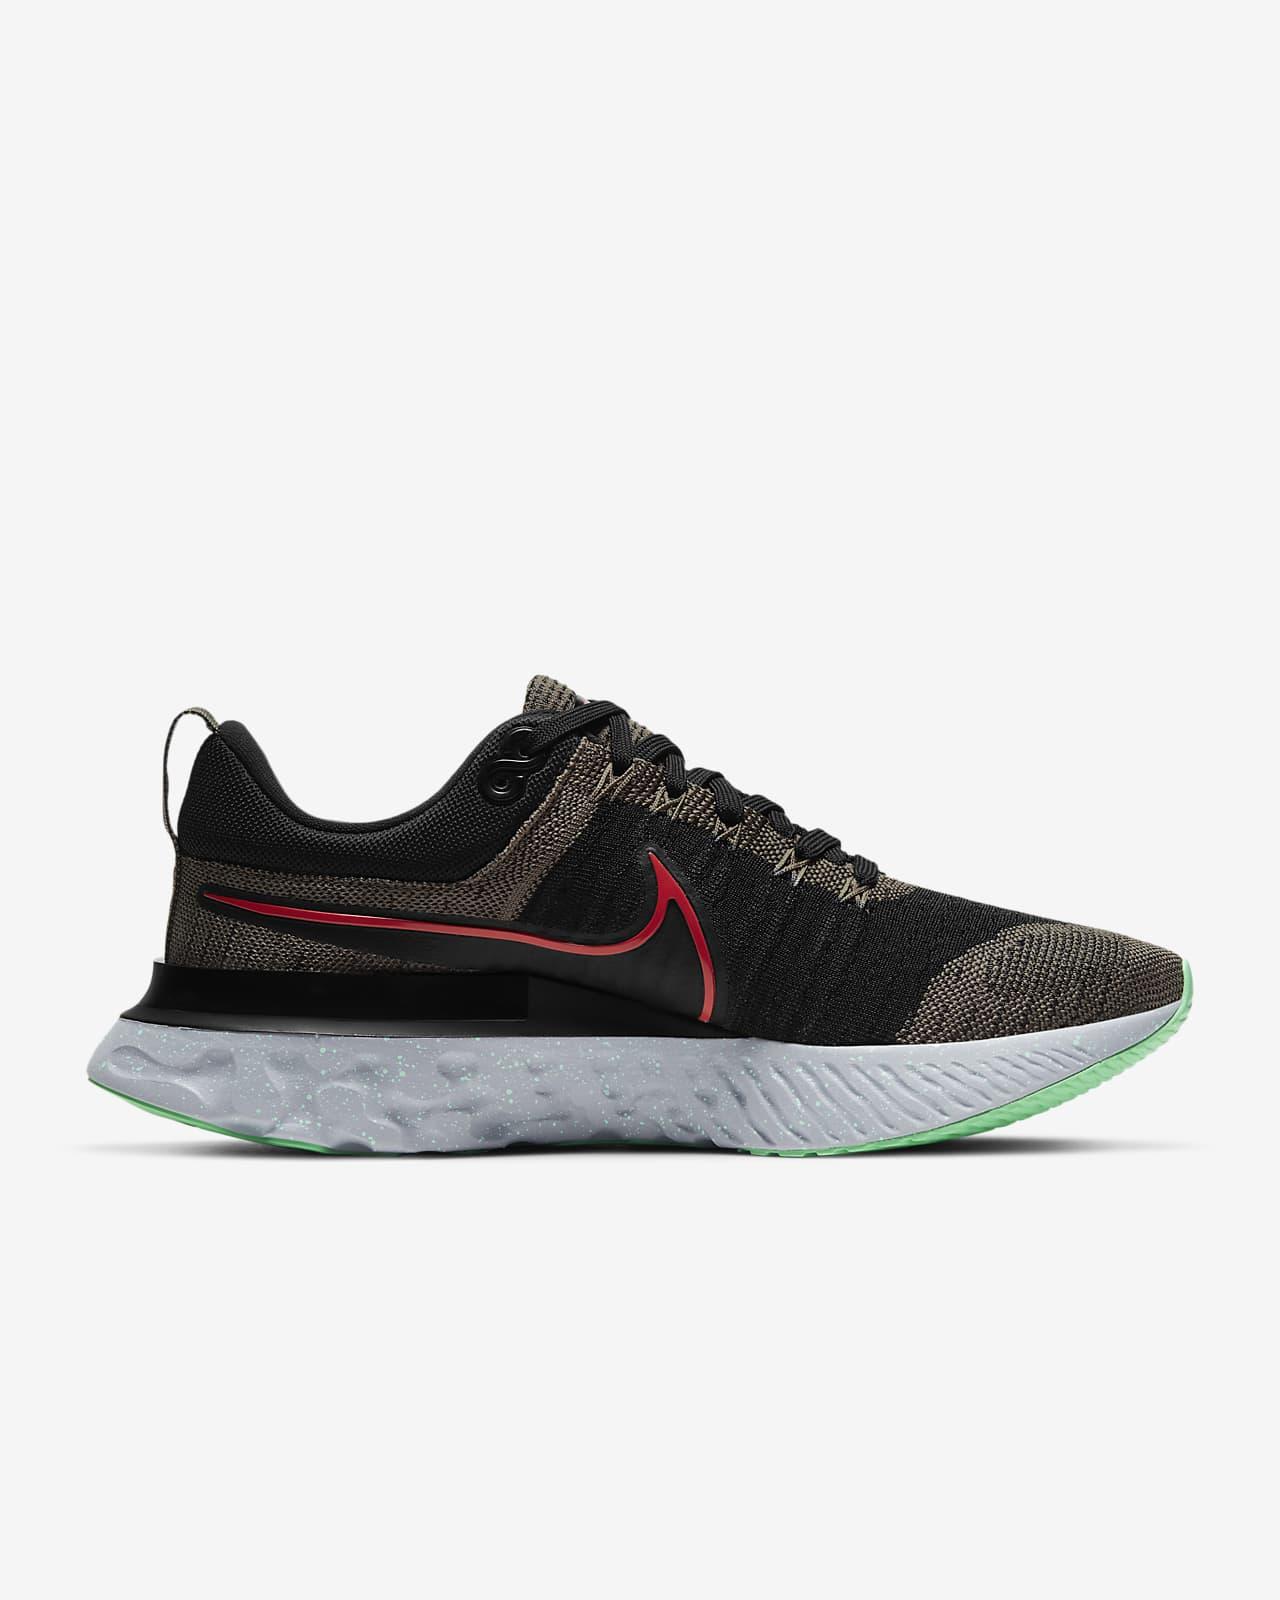 Nike React Infinity Run Flyknit 2 Men's Running Shoe